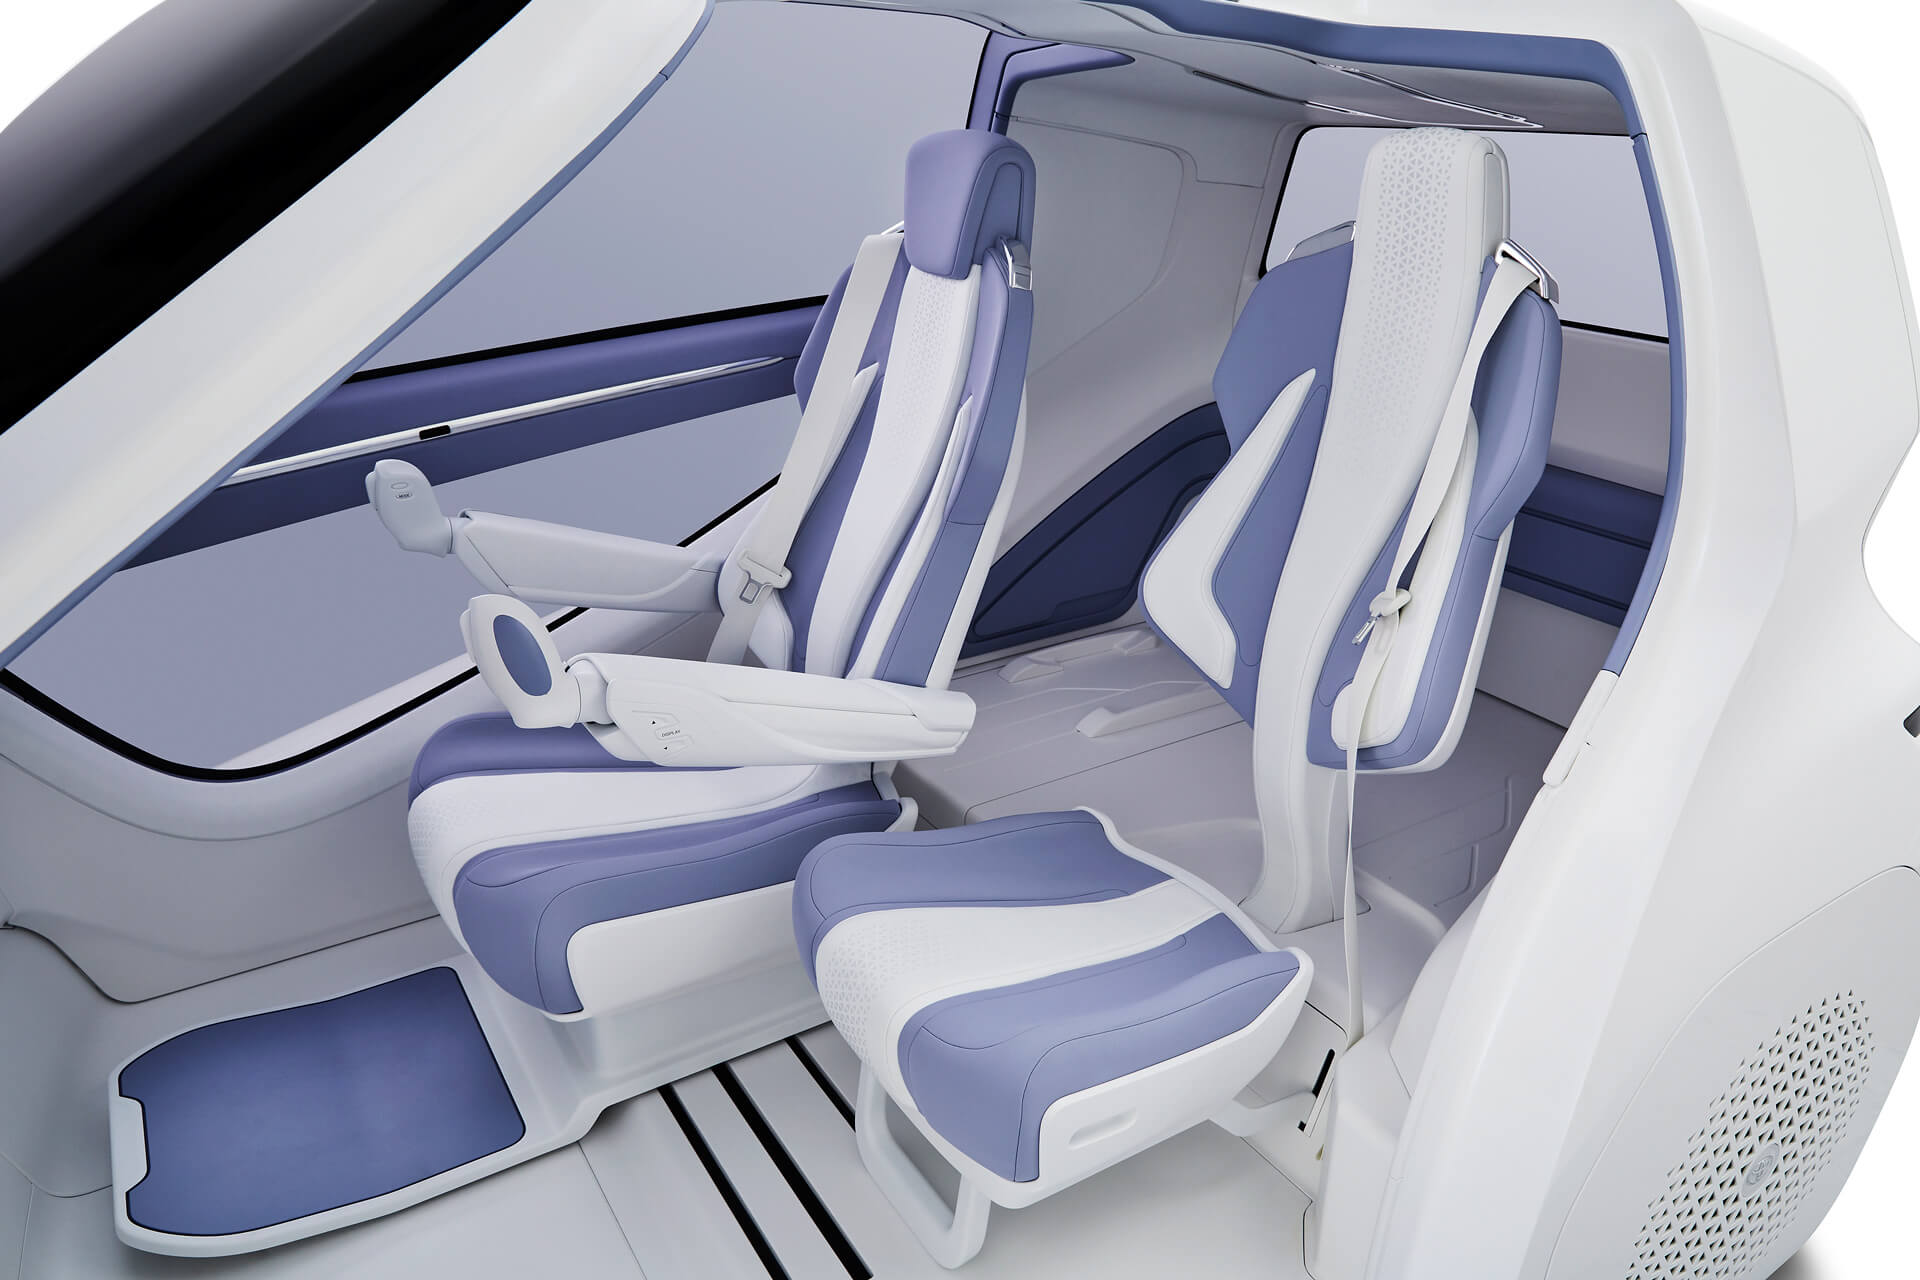 Салон Toyota Concept-i Ride